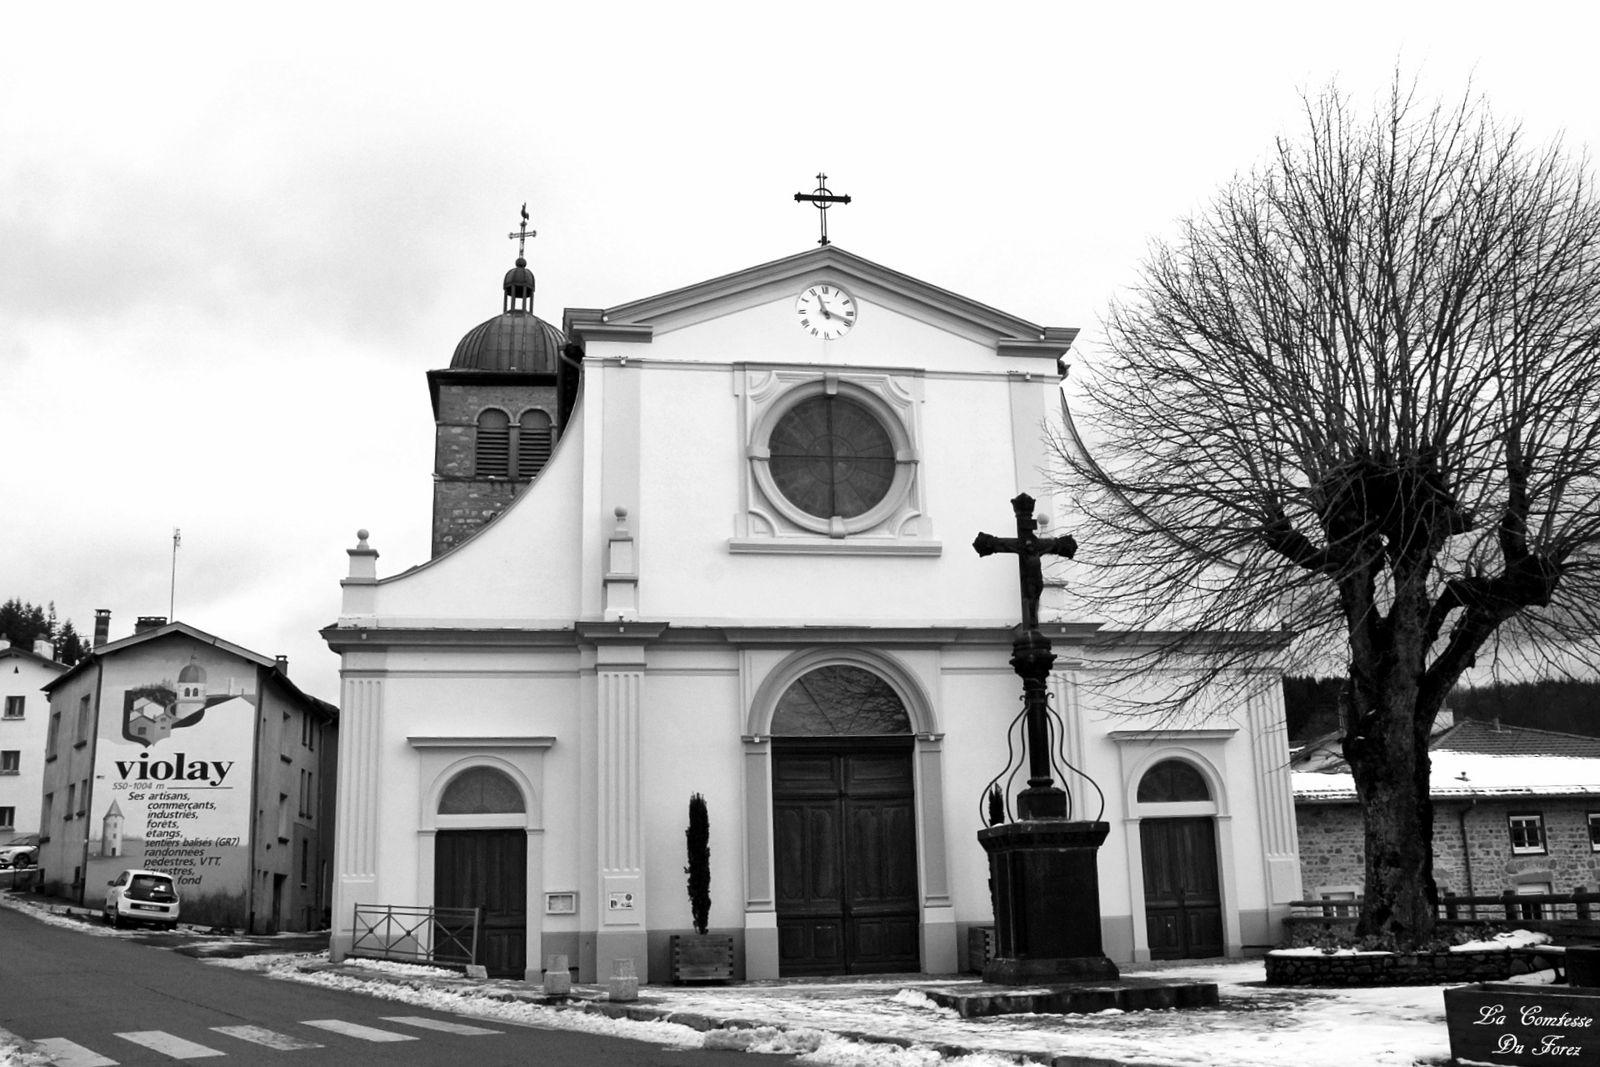 Tour Matagrin (Violay, Loire 42334)